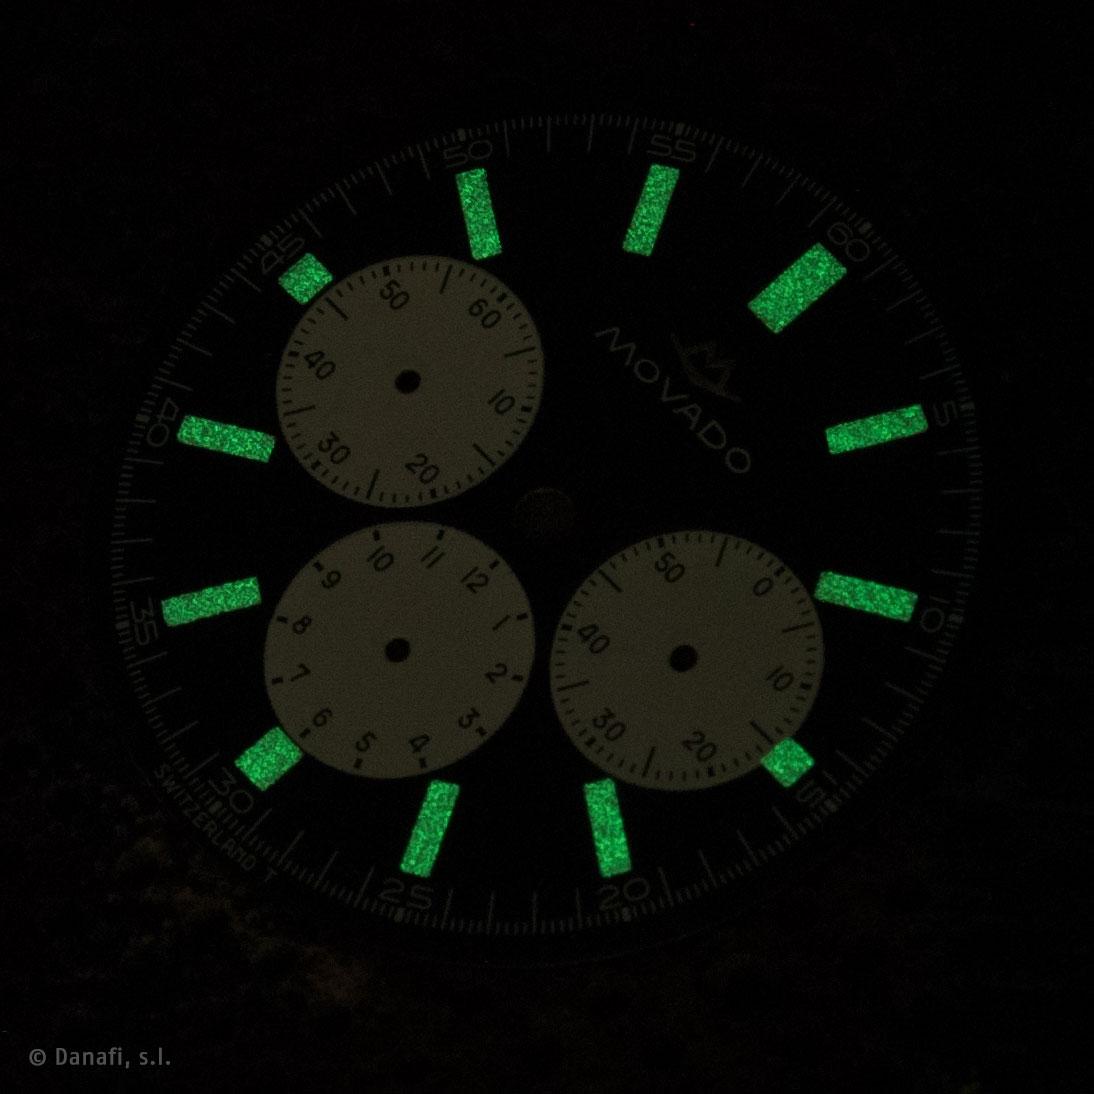 Movado-Super-Sub-Sea-watch-dial_04